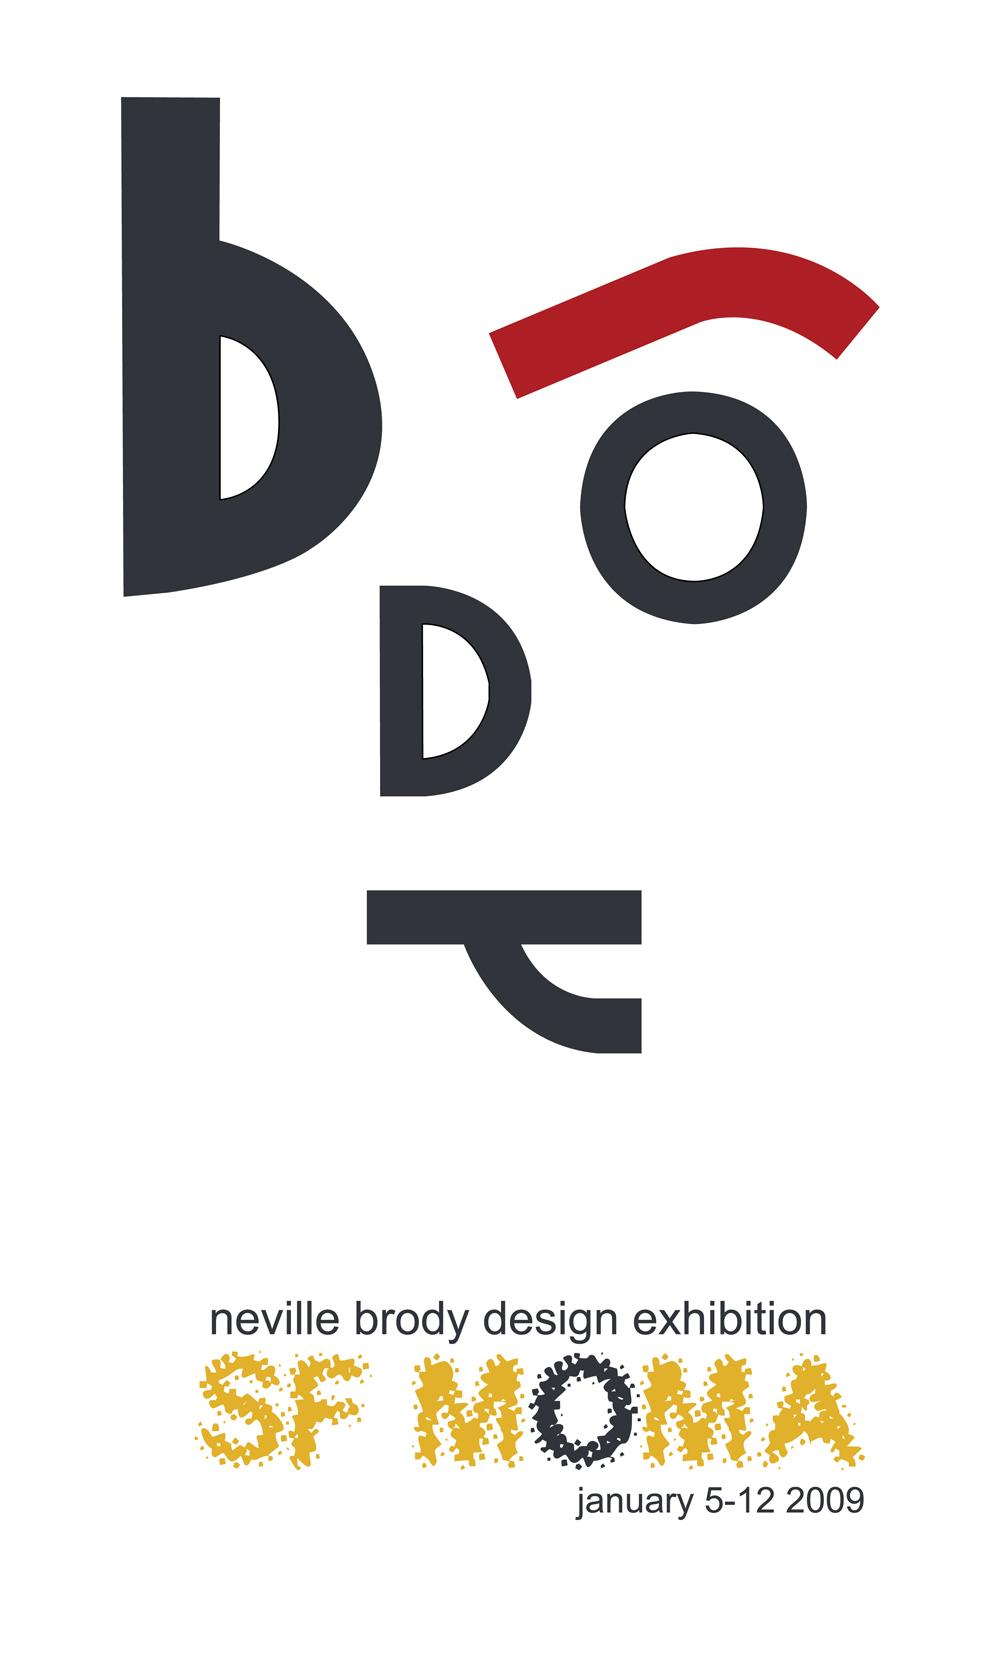 Neville Brody Poster by computerkid108 on DeviantArt